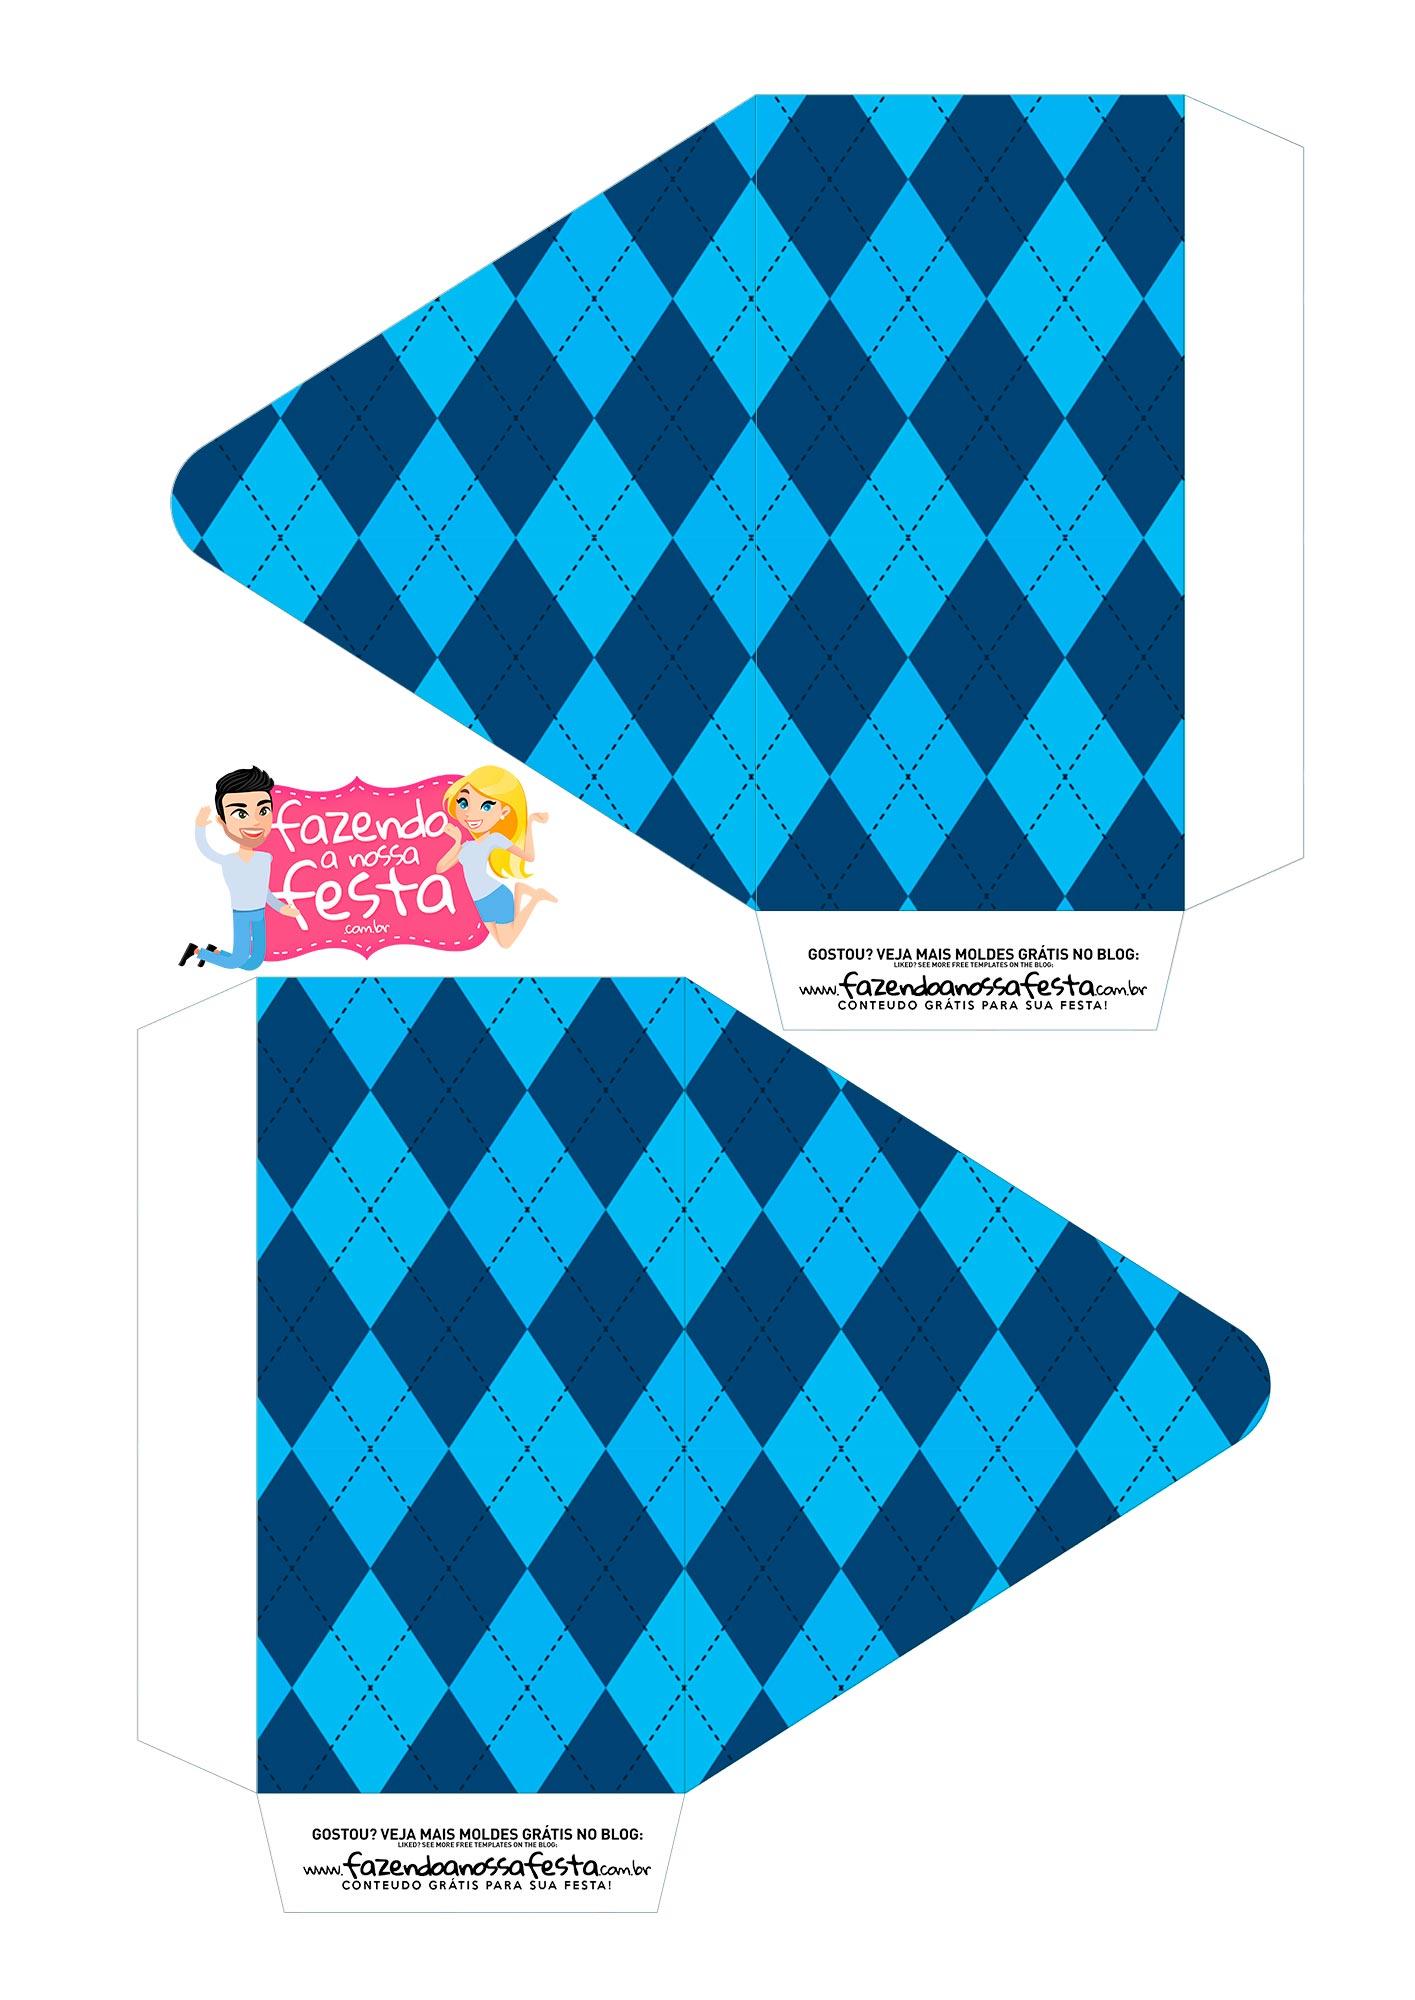 Caixa Dia dos Avos Vovo Azul quadriculado 1